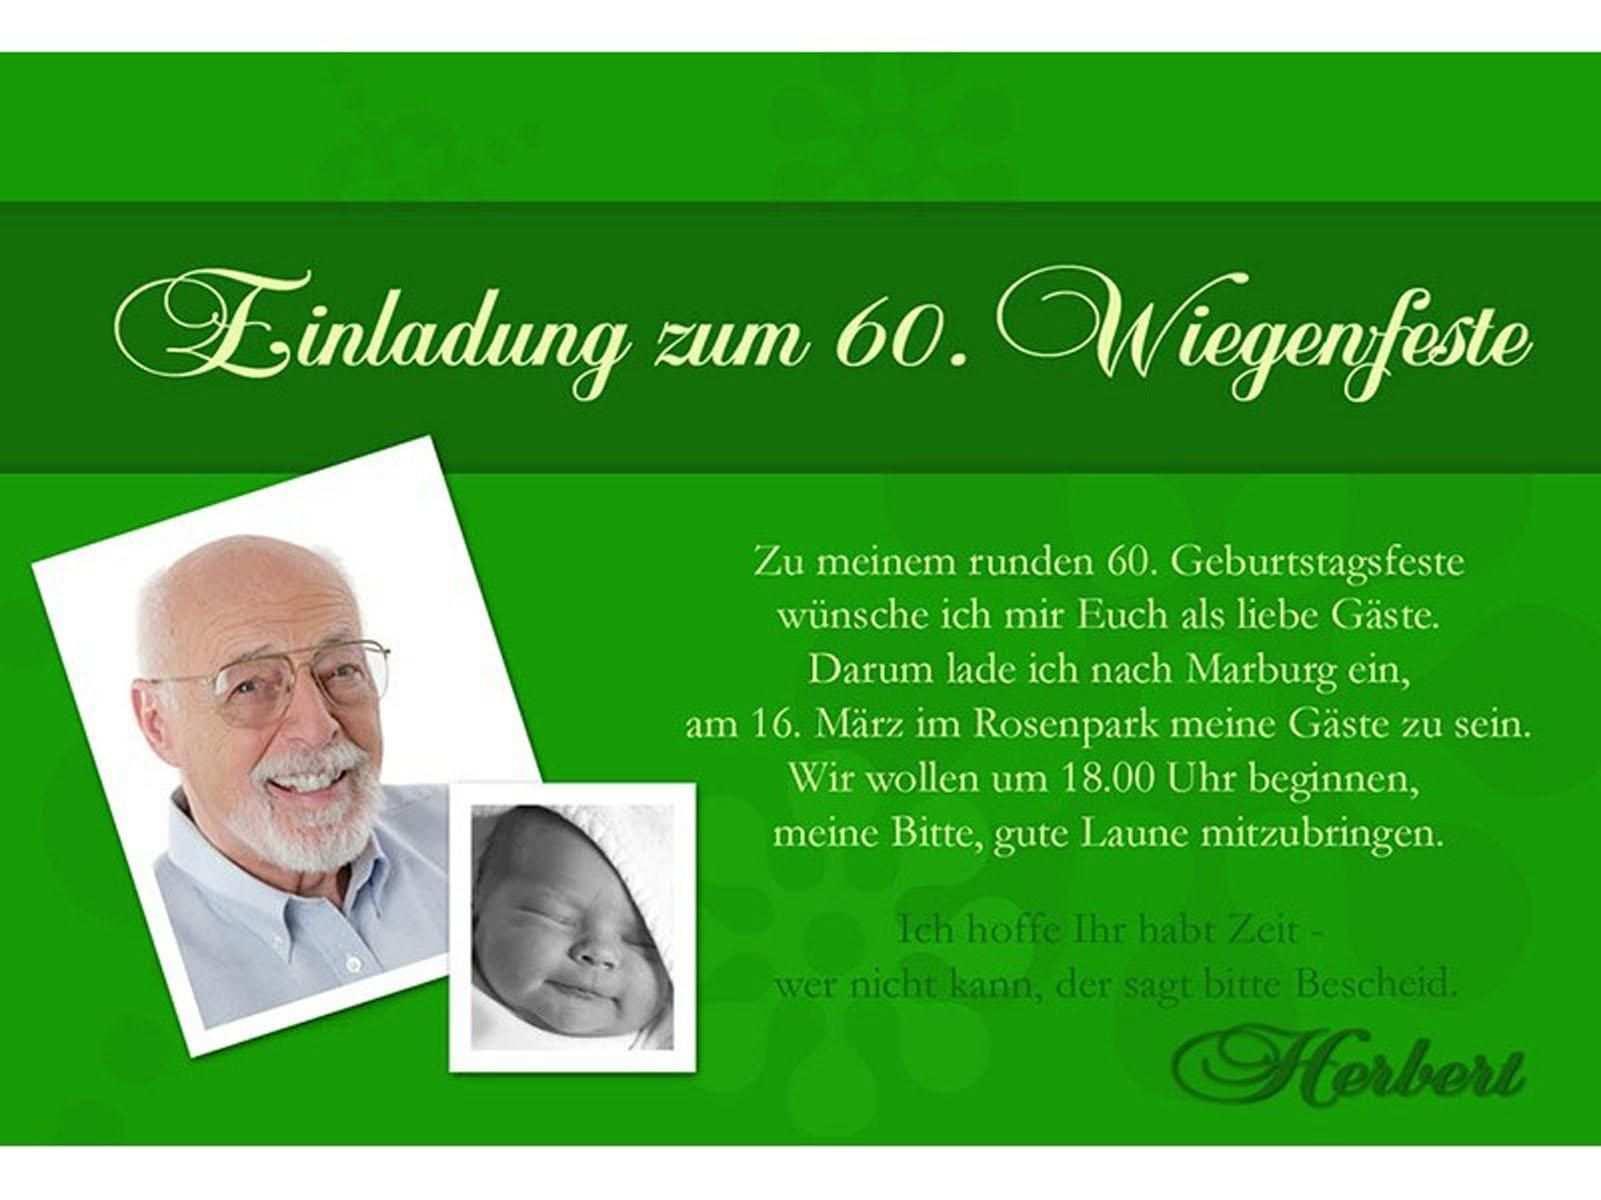 Einladungskarten 60 Geburtstag Text Einladung 60 Geburtstag Einladung Geburtstag Text Einladungskarten Geburtstag